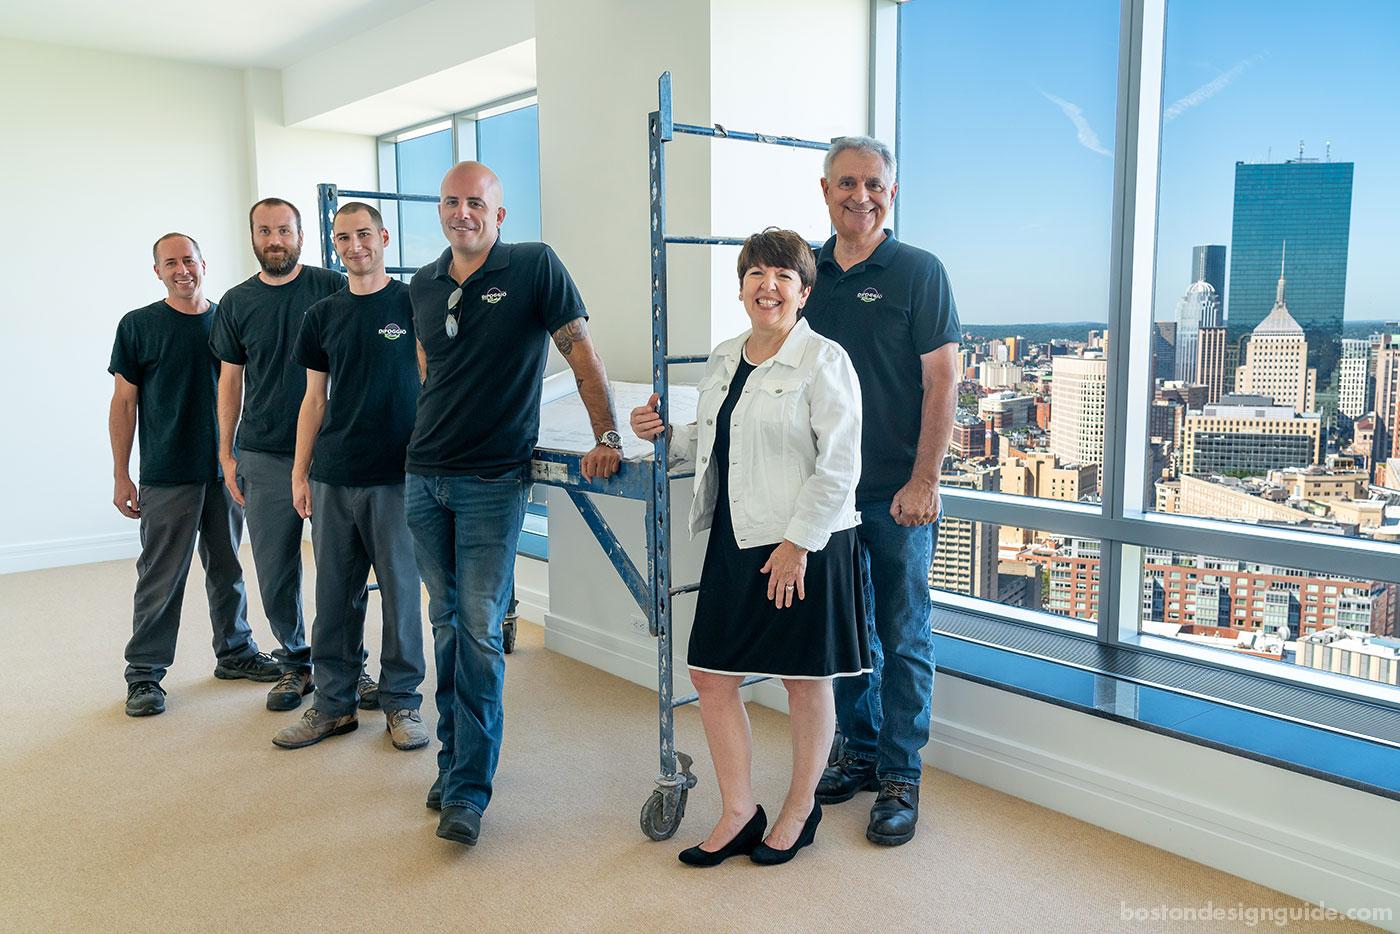 DiFoggio Electric, a full-service electrical contracting company in Boston